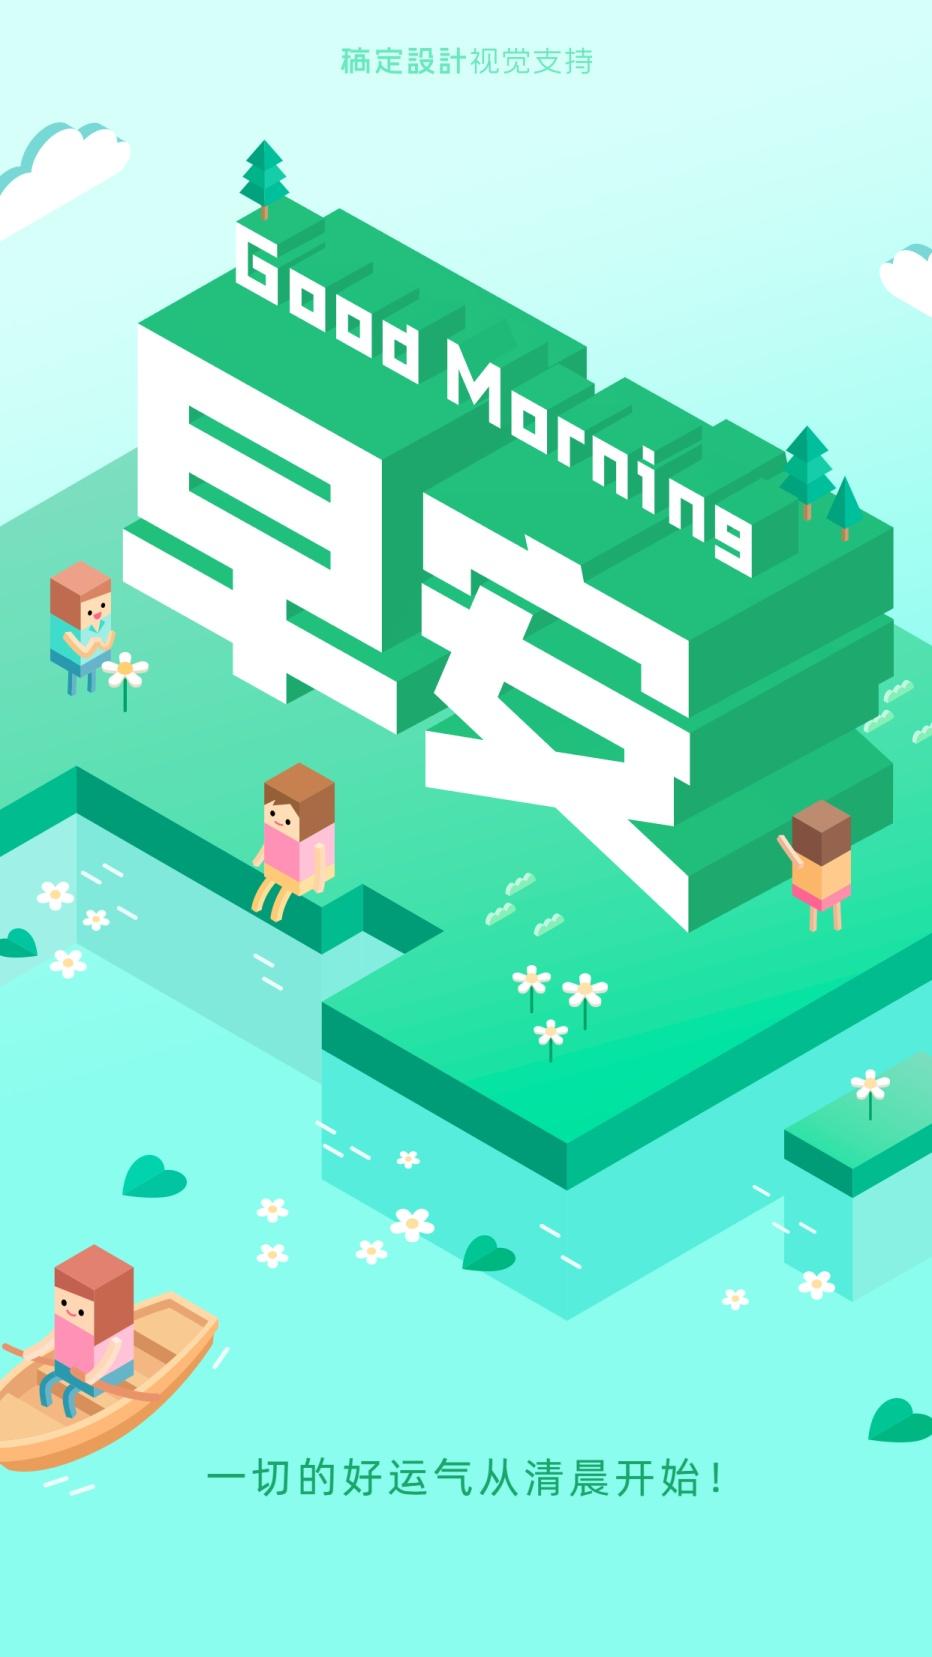 早安问候大字场景3D字体手机海报